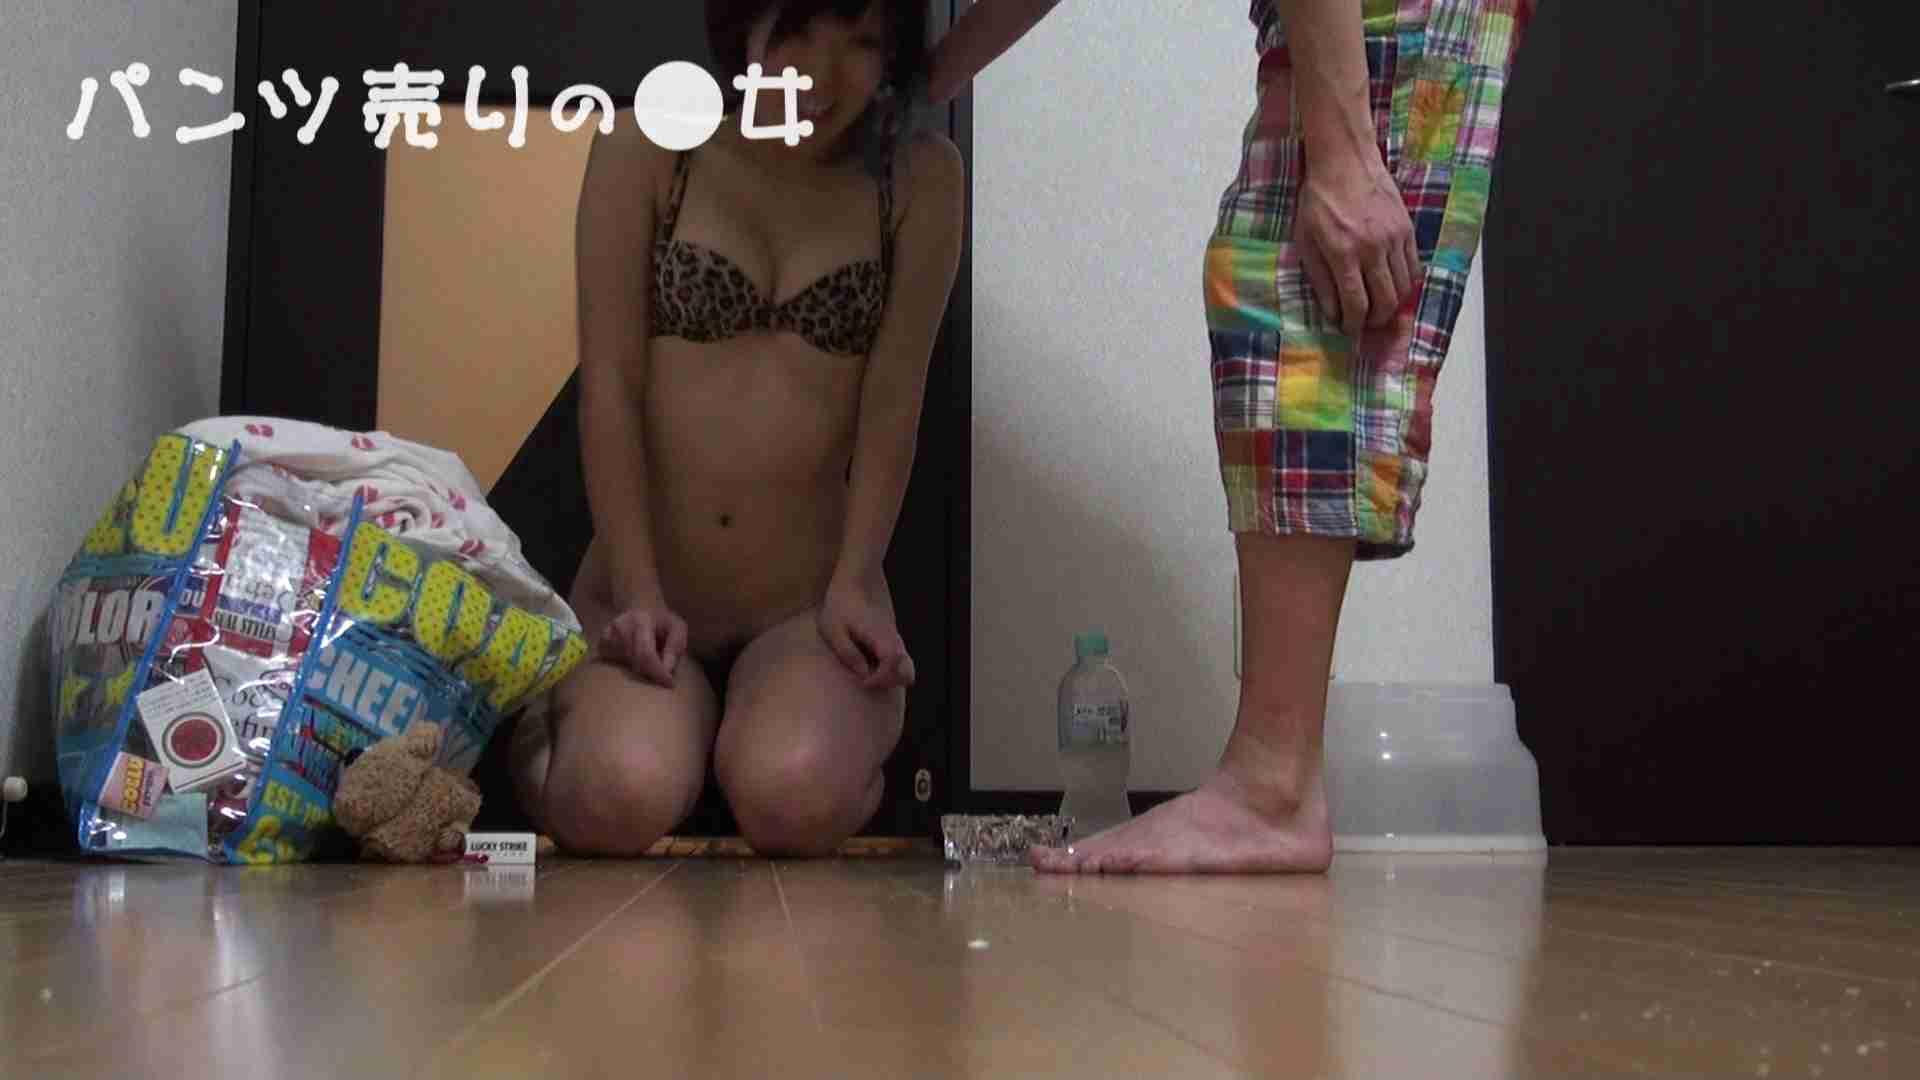 新説 パンツ売りの女の子nana02 ギャルのエロ生活 われめAV動画紹介 102連発 18